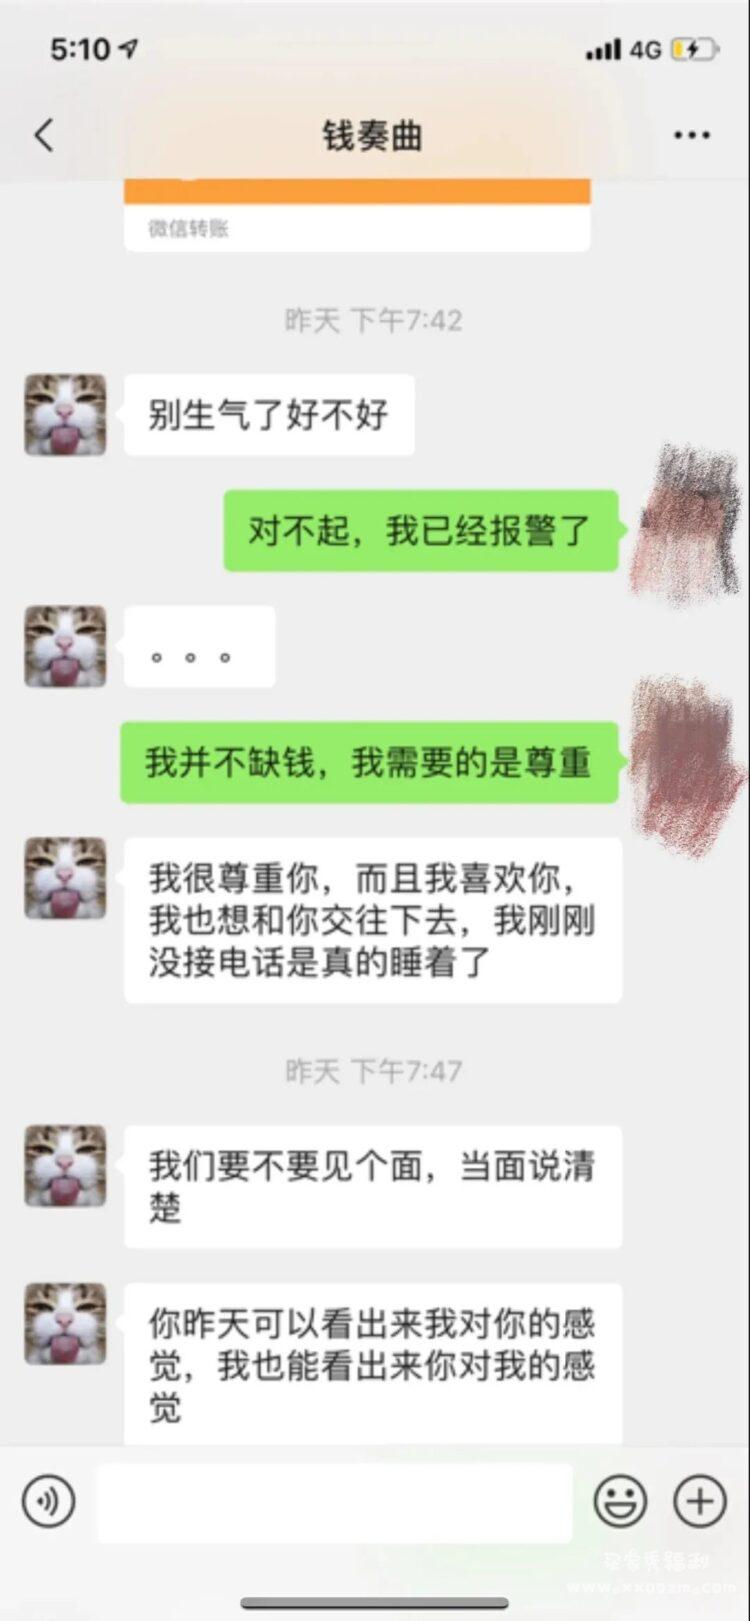 湖南卫视《天天向上》主持人钱枫被举报X侵?补官方通报以及当事人最新回应